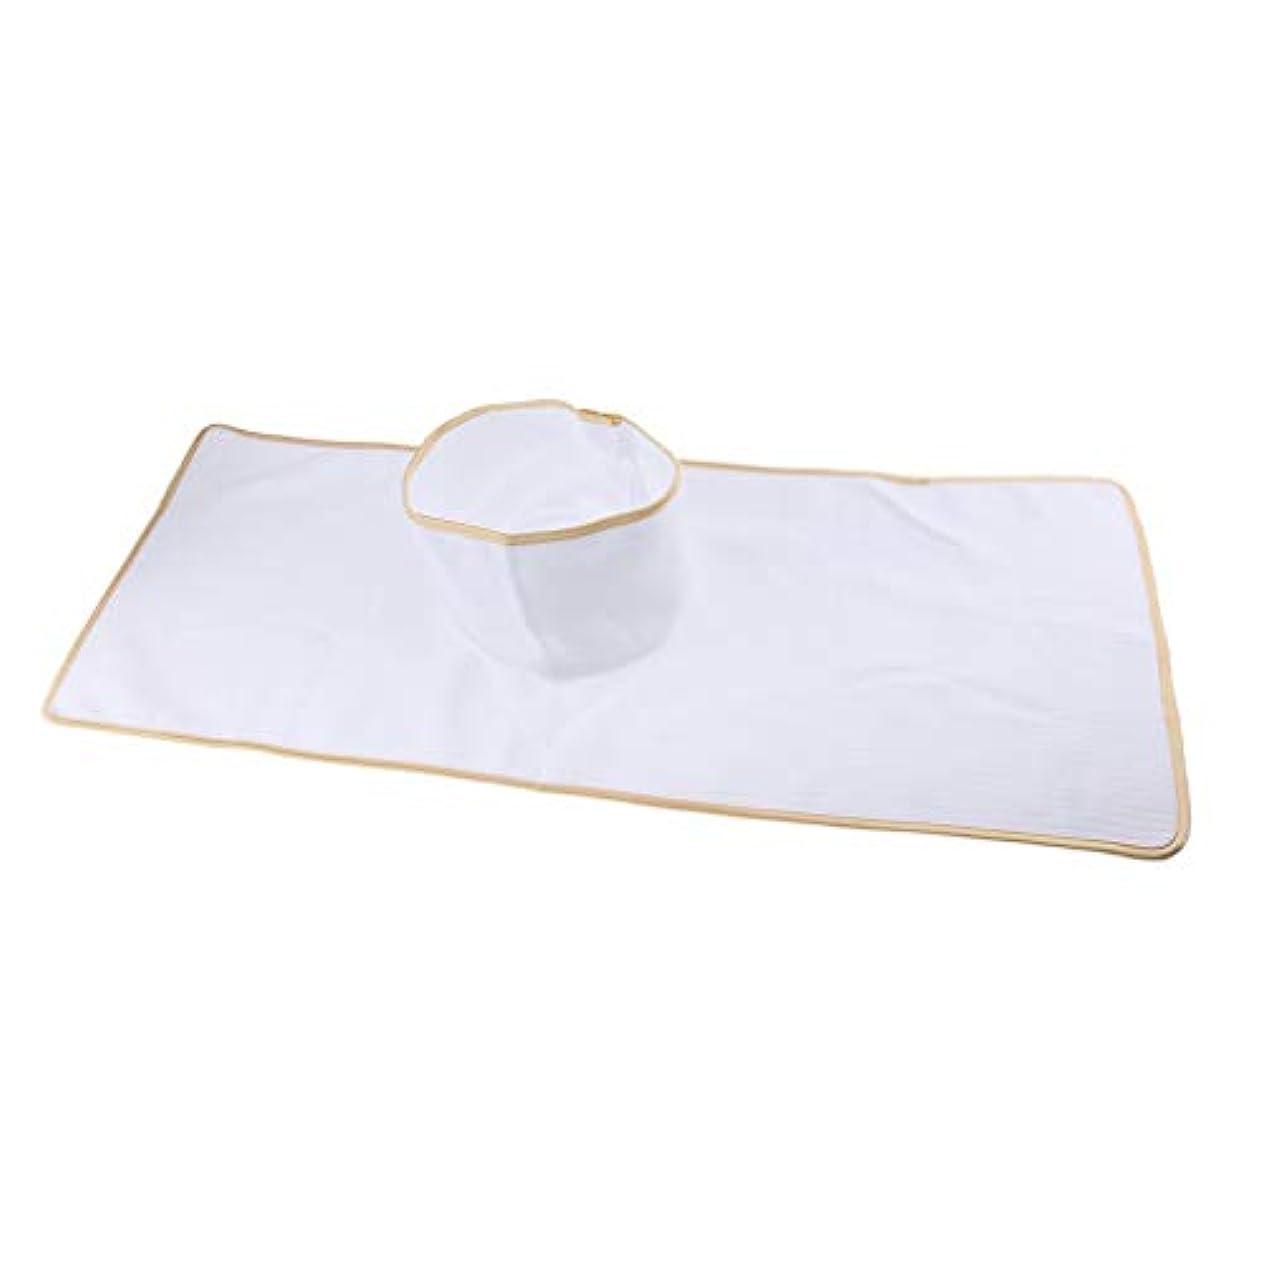 処理実行可能鳴らすマッサージテーブルカバー シート パッド 顔の穴付き 再使用可能 約90×35cm 全3色 - 白